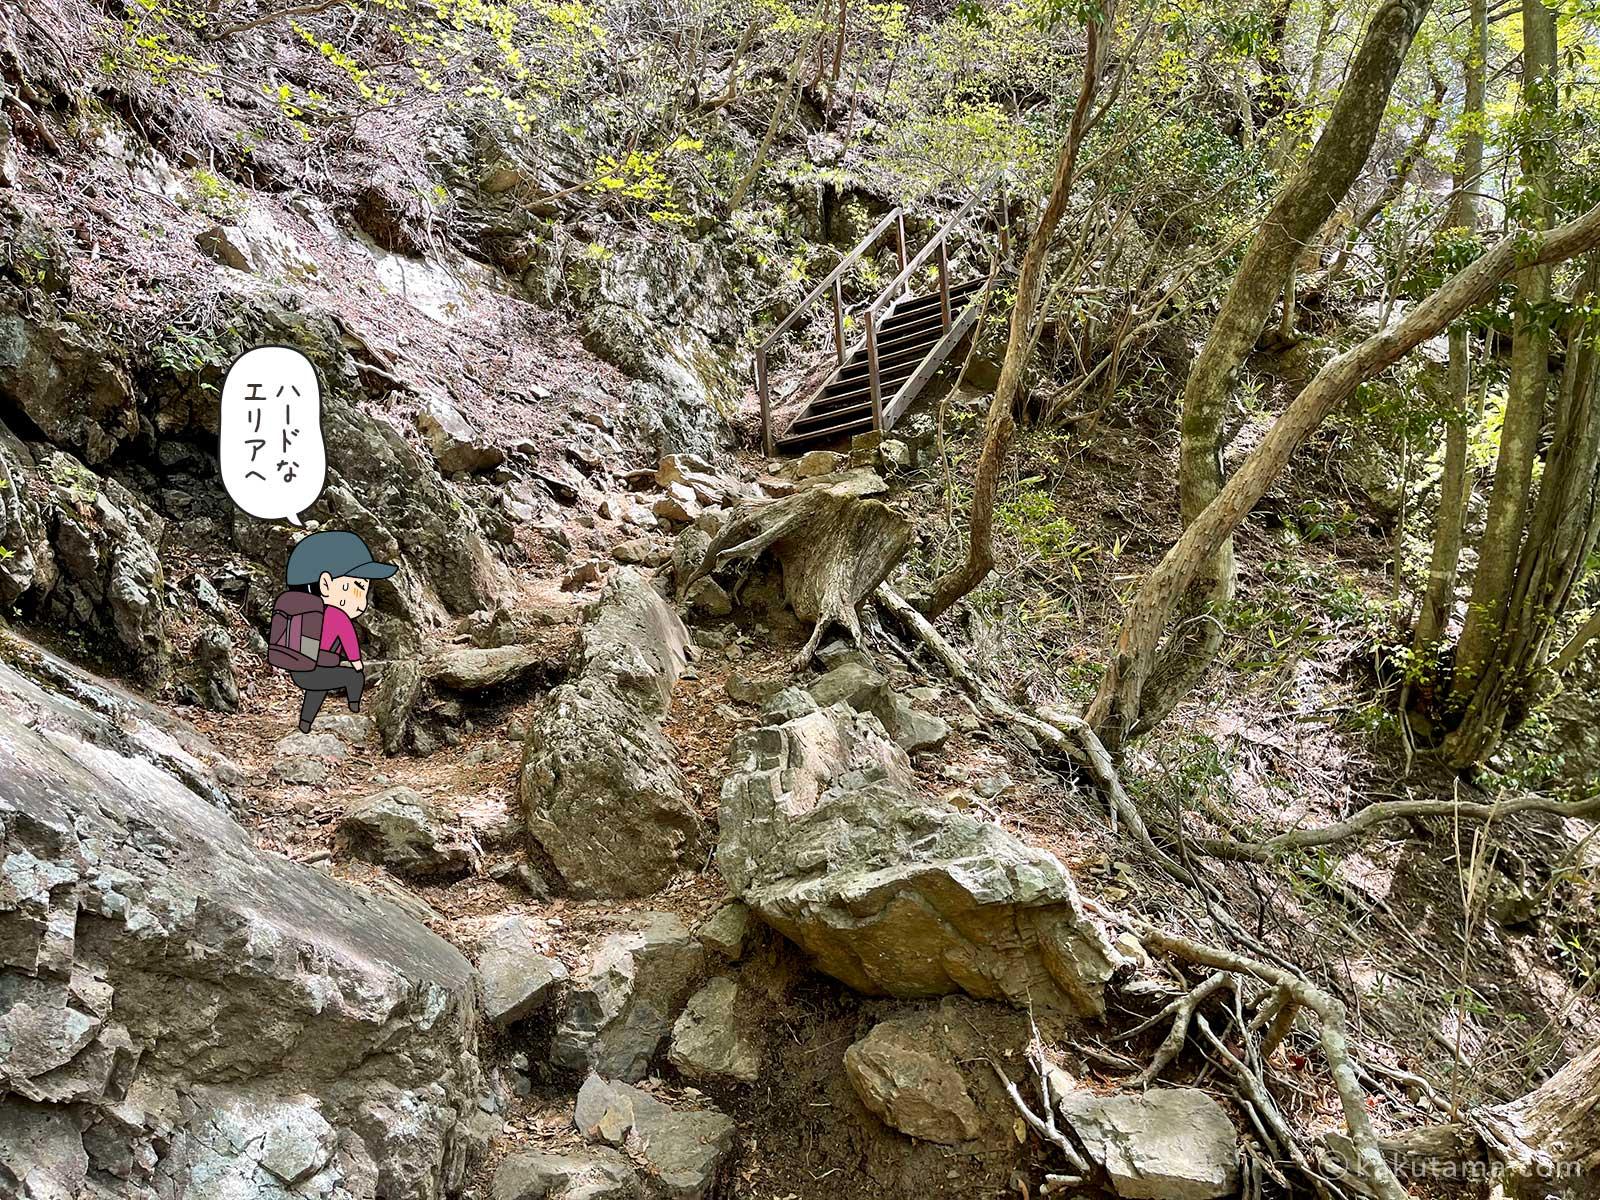 岩場と鉄の階段の道